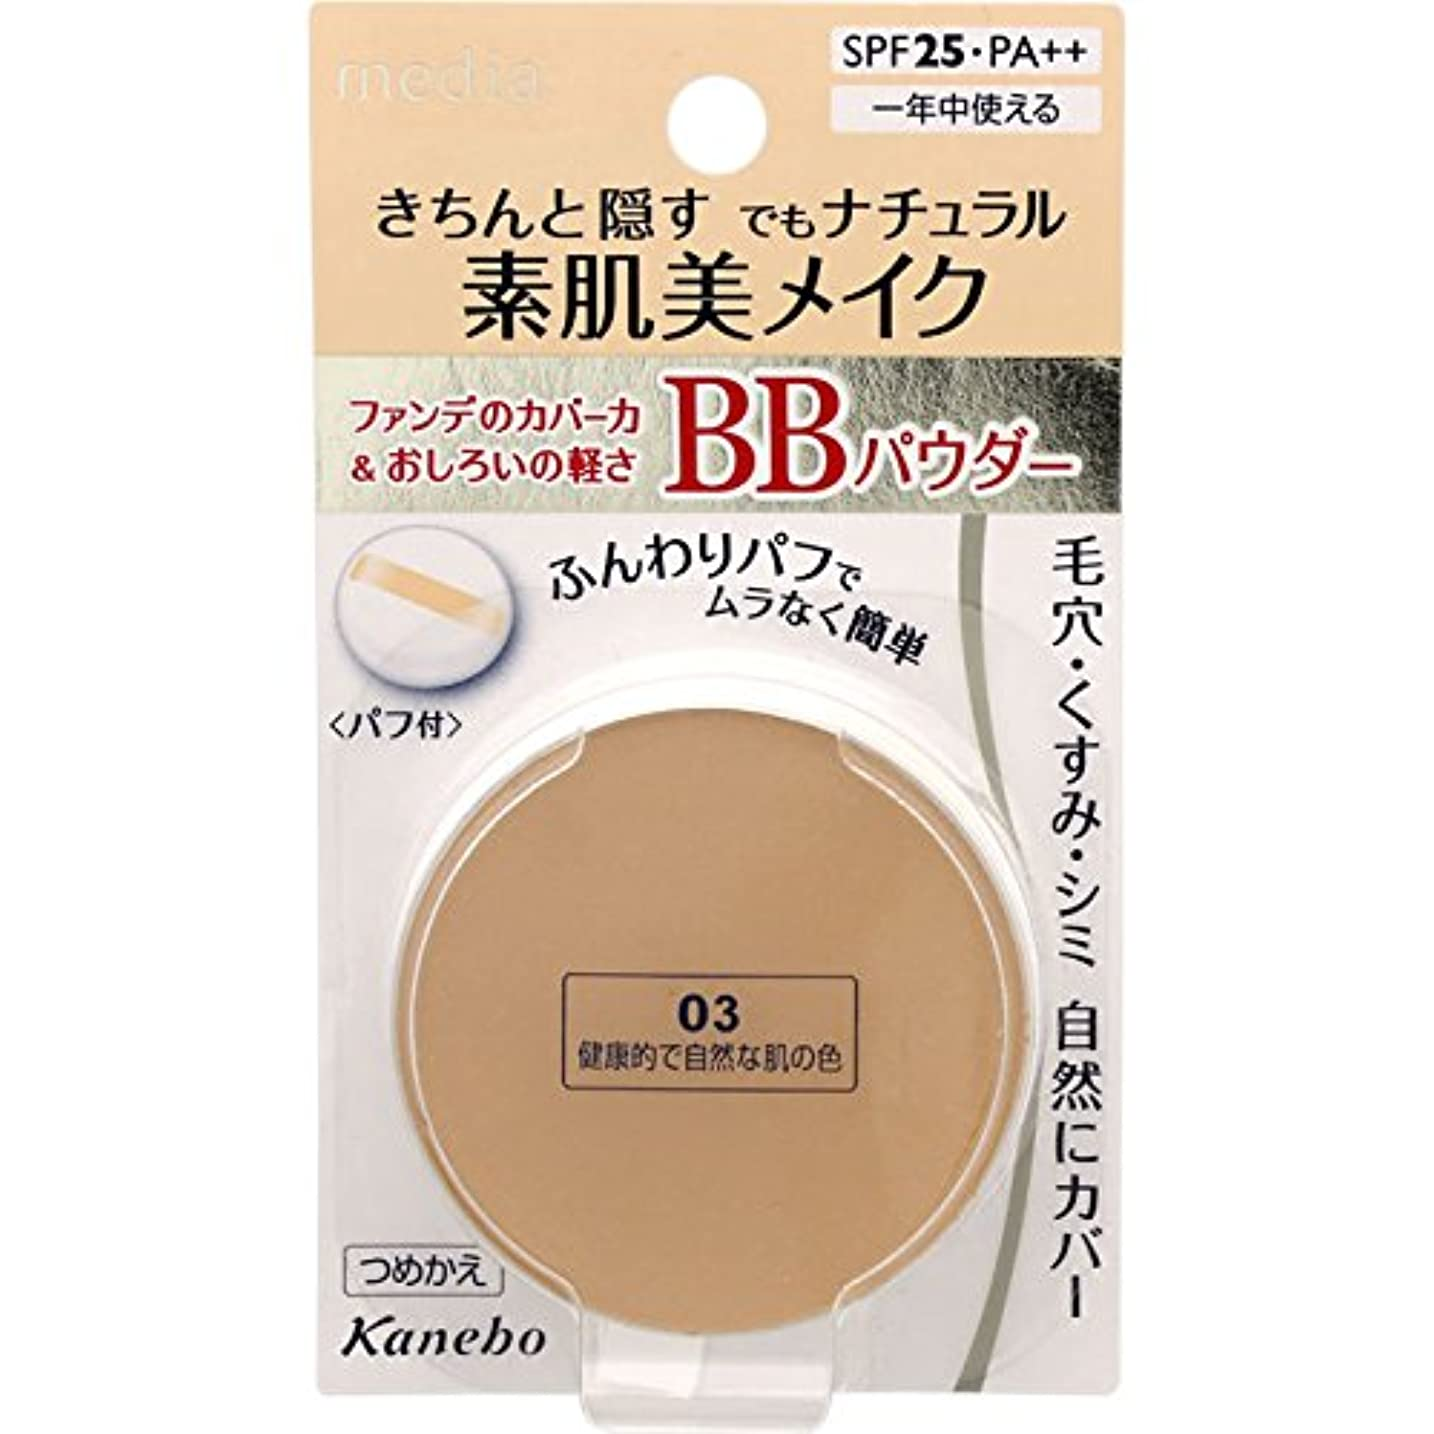 に負けるテキストスピーカーメディアBBパウダー03(健康的で自然な肌の色)×5